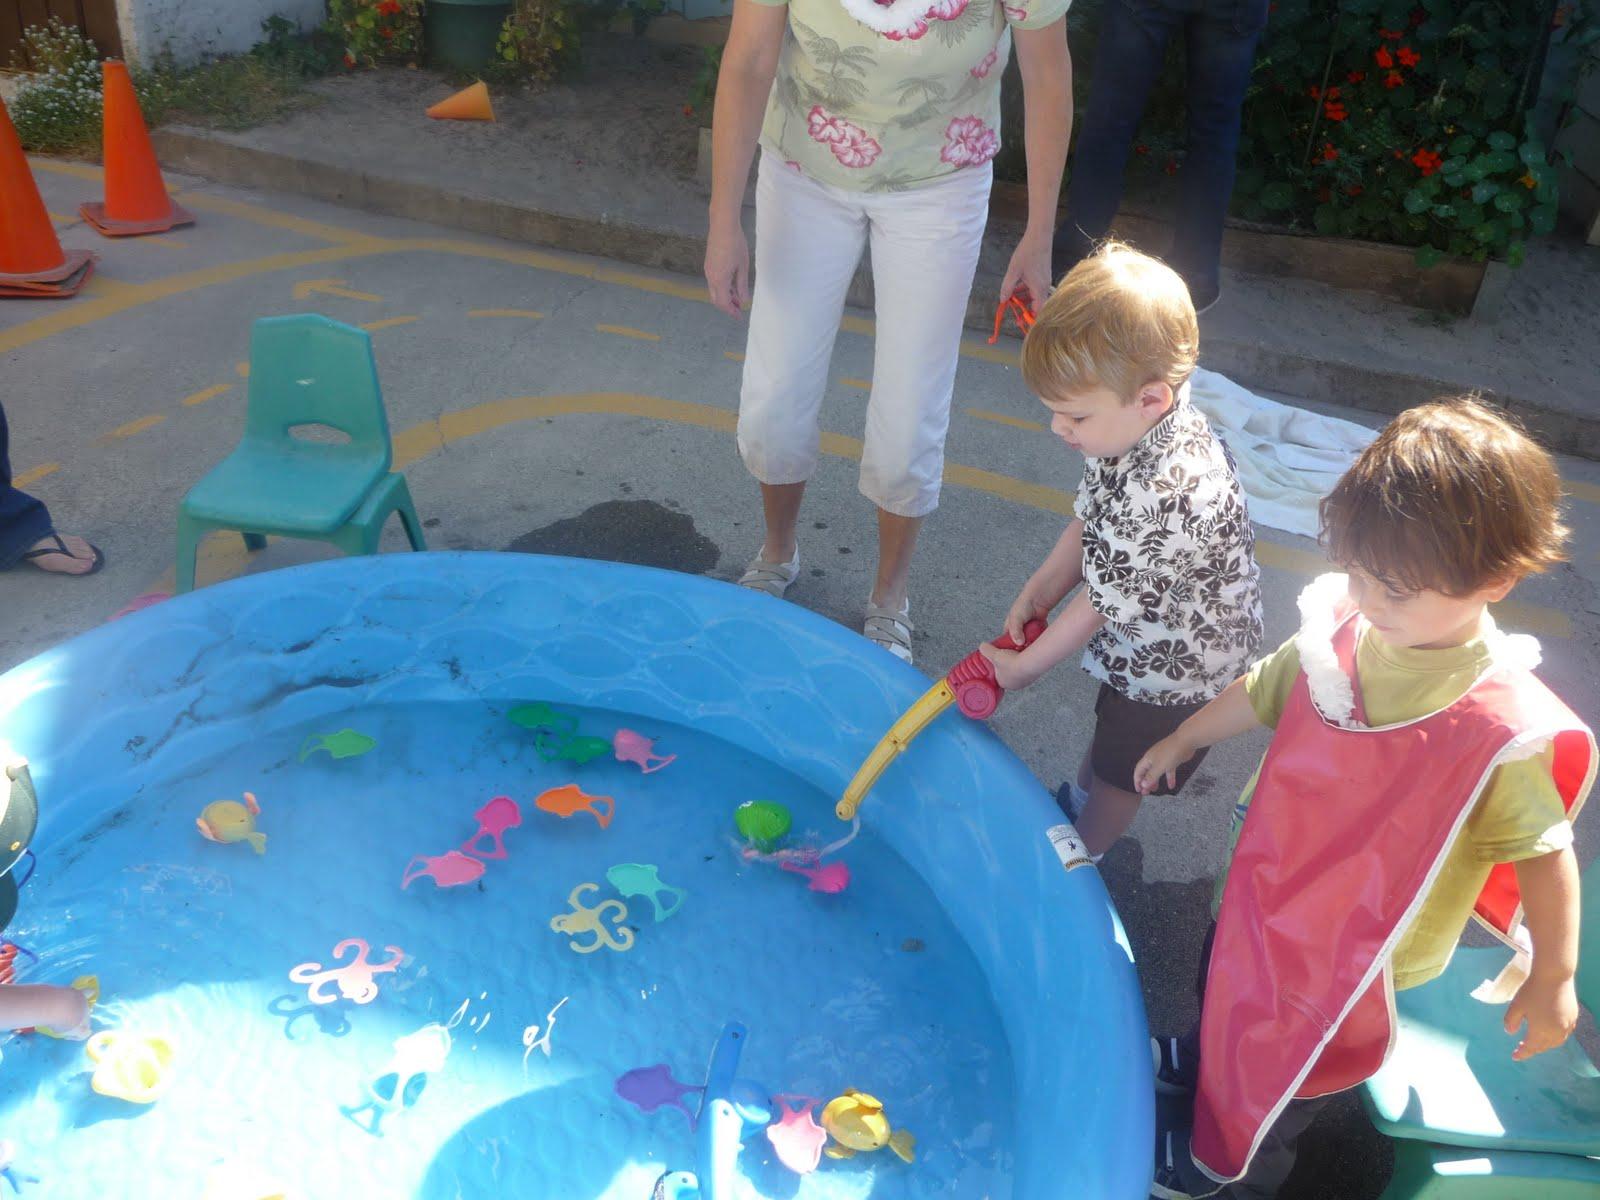 Tanyon Miller: Preschool Luau